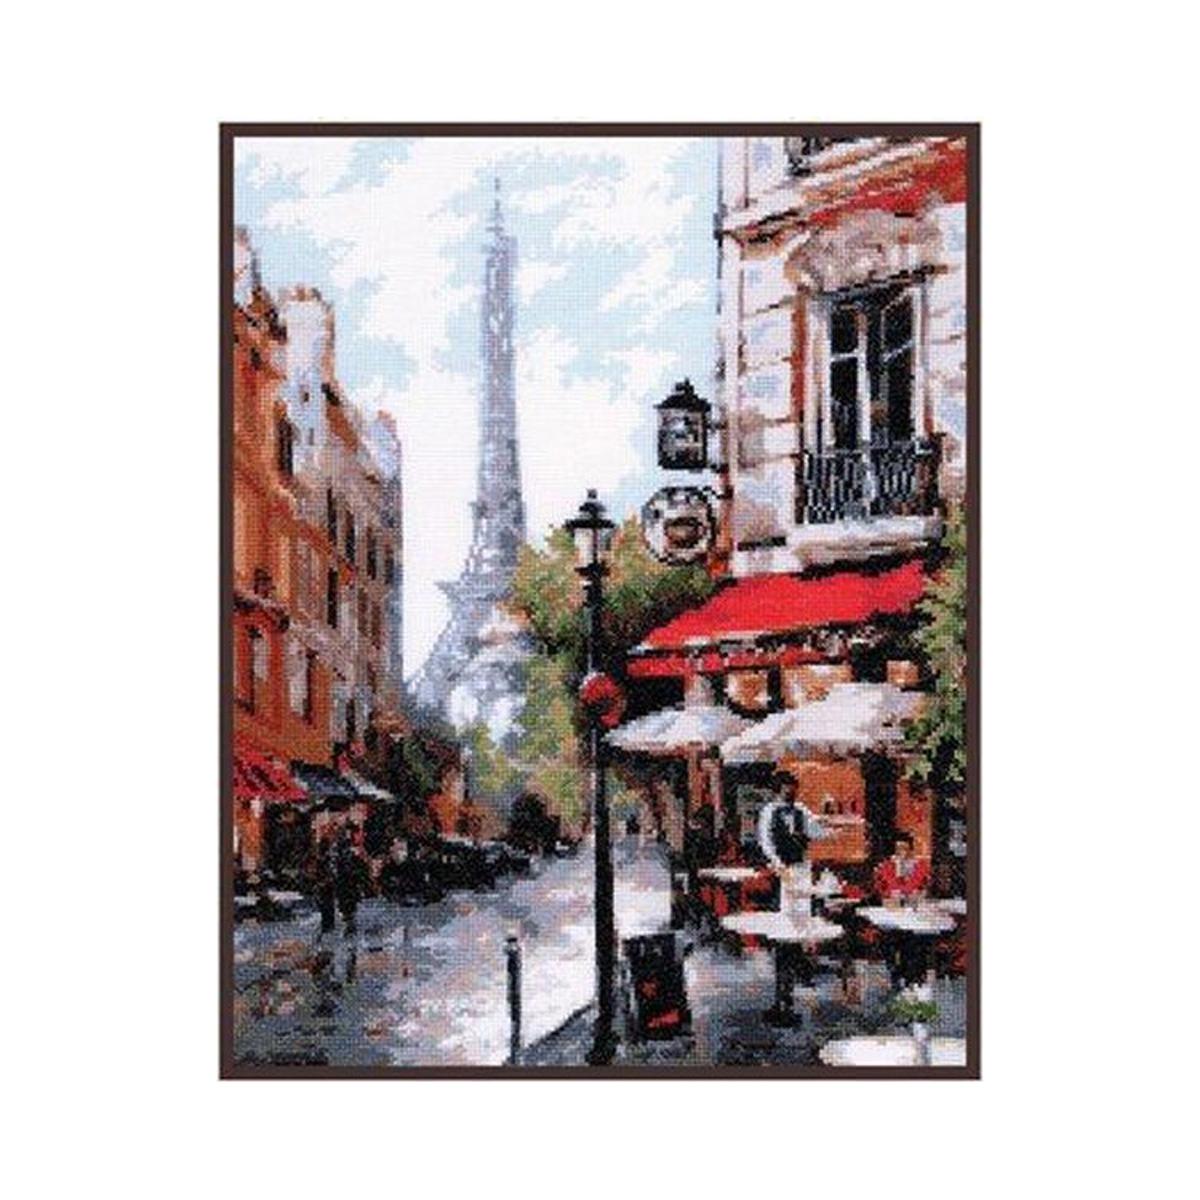 Набор для вышивания крестом Палитра Парижское кафе, 26 x 33 см485489Набор для вышивания Палитра Парижское кафе поможет создать красивую вышитую картину. Рисунок-вышивка, выполненный на канве, выглядит стильно и модно. Вышивание отвлечет вас от повседневных забот и превратится в увлекательное занятие! Работа, сделанная своими руками, не только украсит интерьер дома, придав ему уют и оригинальность, но и будет отличным подарком для друзей и близких! Набор для вышивания содержит все необходимые материалы для вышивки на канве в технике счетный крест. В состав набора входит: - канва Aida Bestex №16 белого цвета, - нитки мулине ПНК им. Кирова - 26 цветов, - игла Pony, - цветная символьная схема, - подробная инструкция на русском языке. Размер канвы: 44 х 39,5 см. УВАЖАЕМЫЕ КЛИЕНТЫ! Обращаем ваше внимание, на тот факт, что рамка в комплект не входит, а служит для визуального восприятия товара.